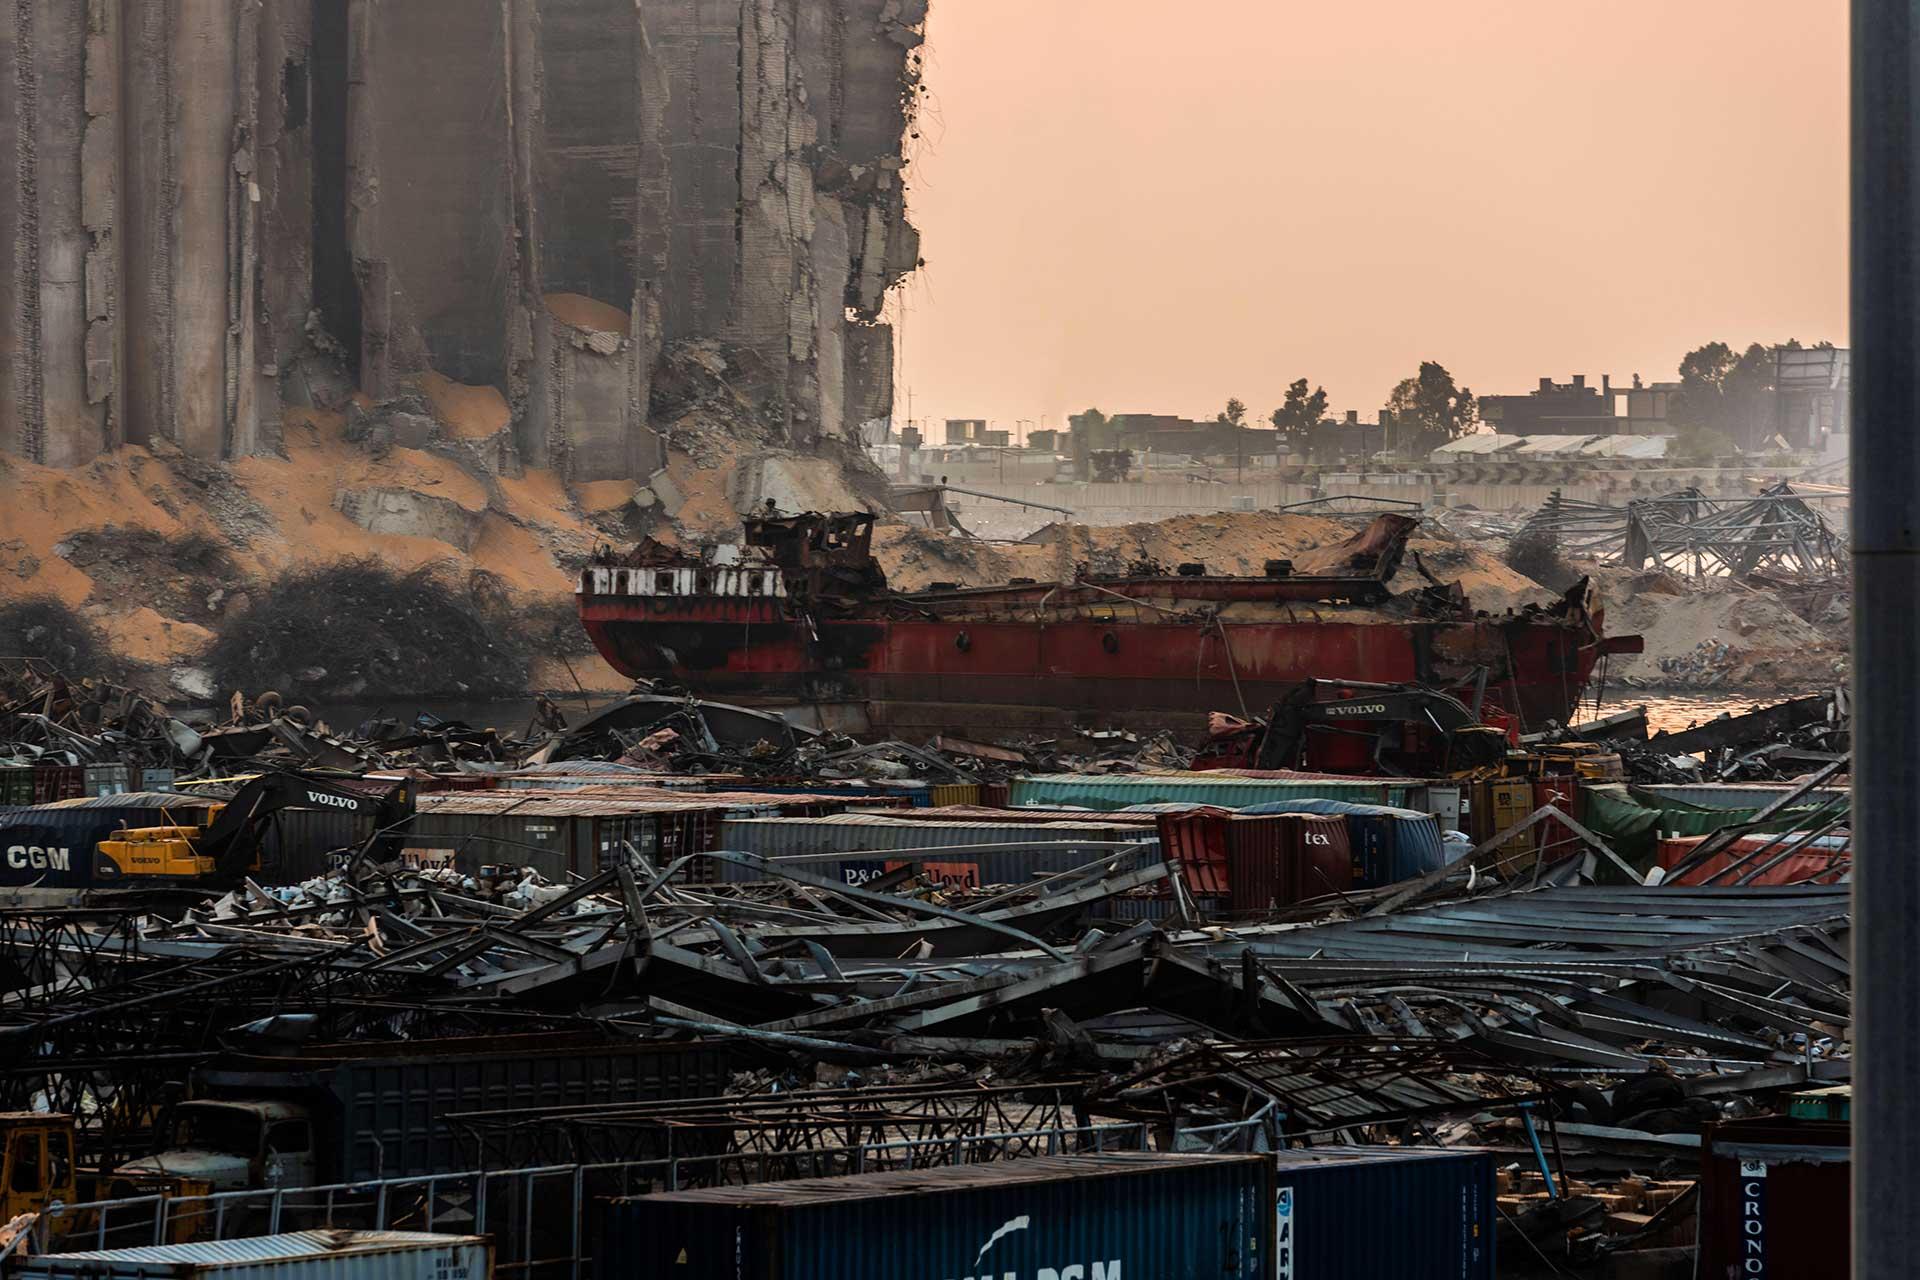 Документальный след владельцев селитры, взорвавшейся в порту Бейрута, ведет в Украину